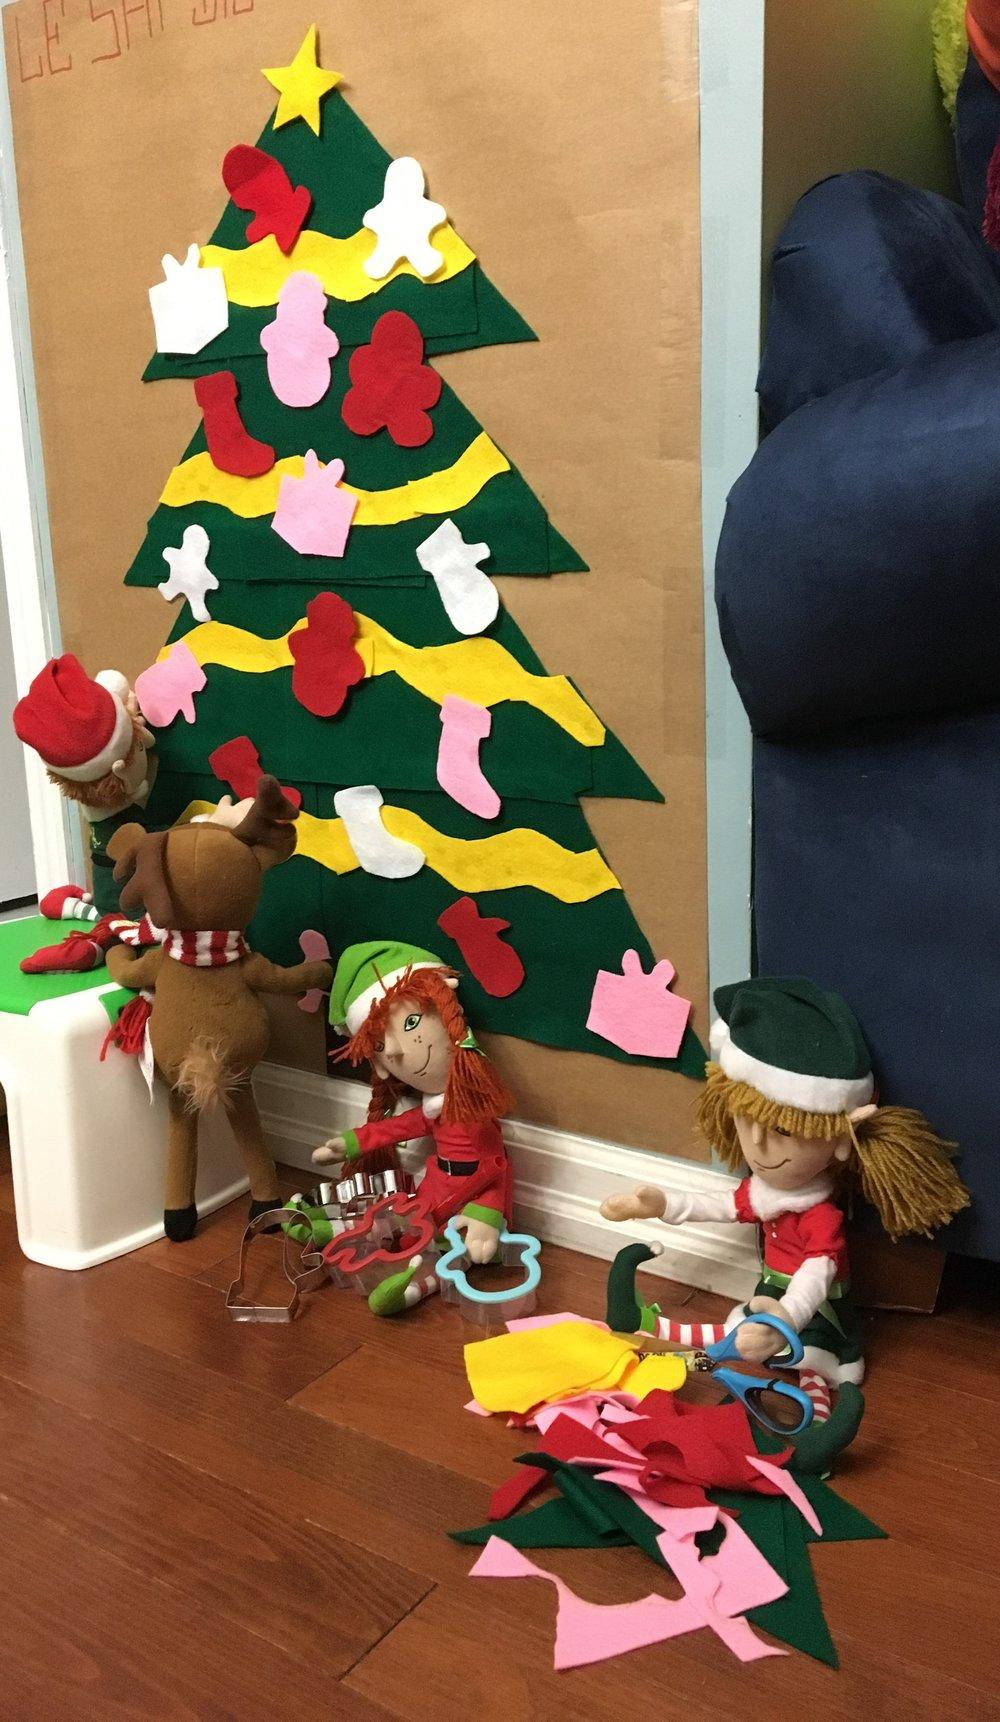 sapin velcro- manipulation bébé-motricité fine-Noël-Brico-Jeu-Temps des Fêtes-solution-jouer-MamanBricole-#mamanBricole-Je suis une maman